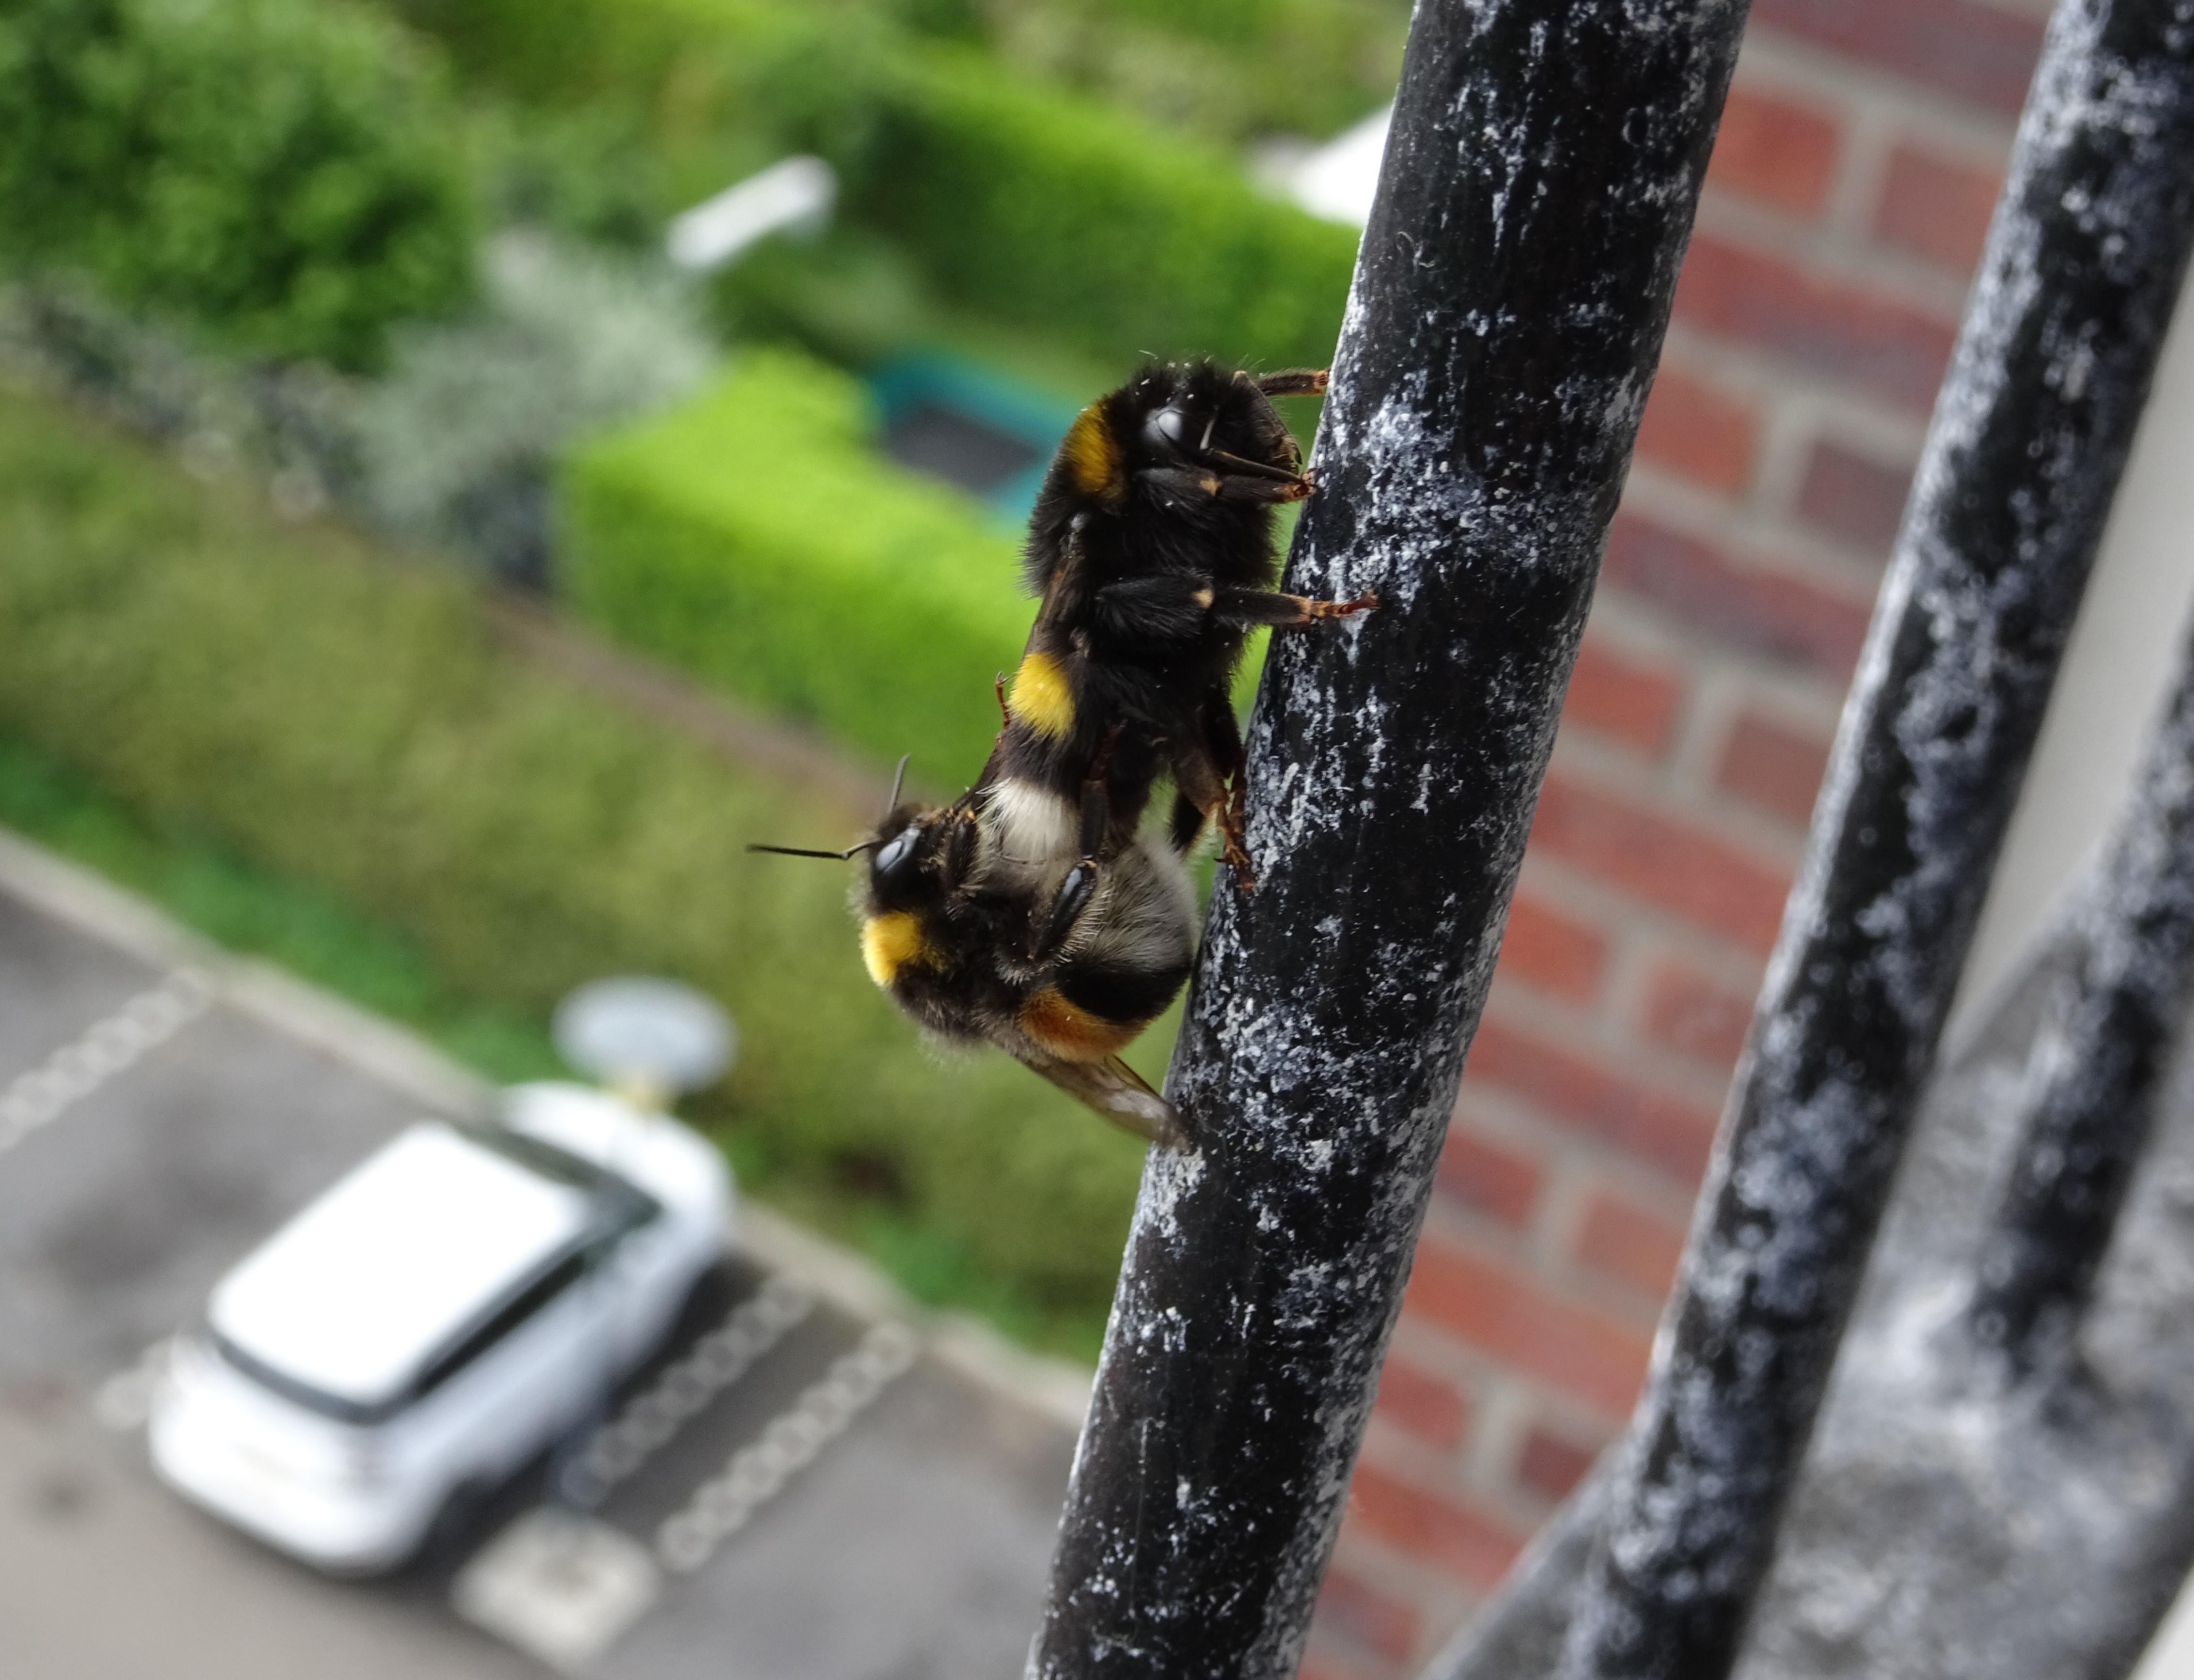 Winnaars fotowedstrijd Bijenlandschap 2018  bekend